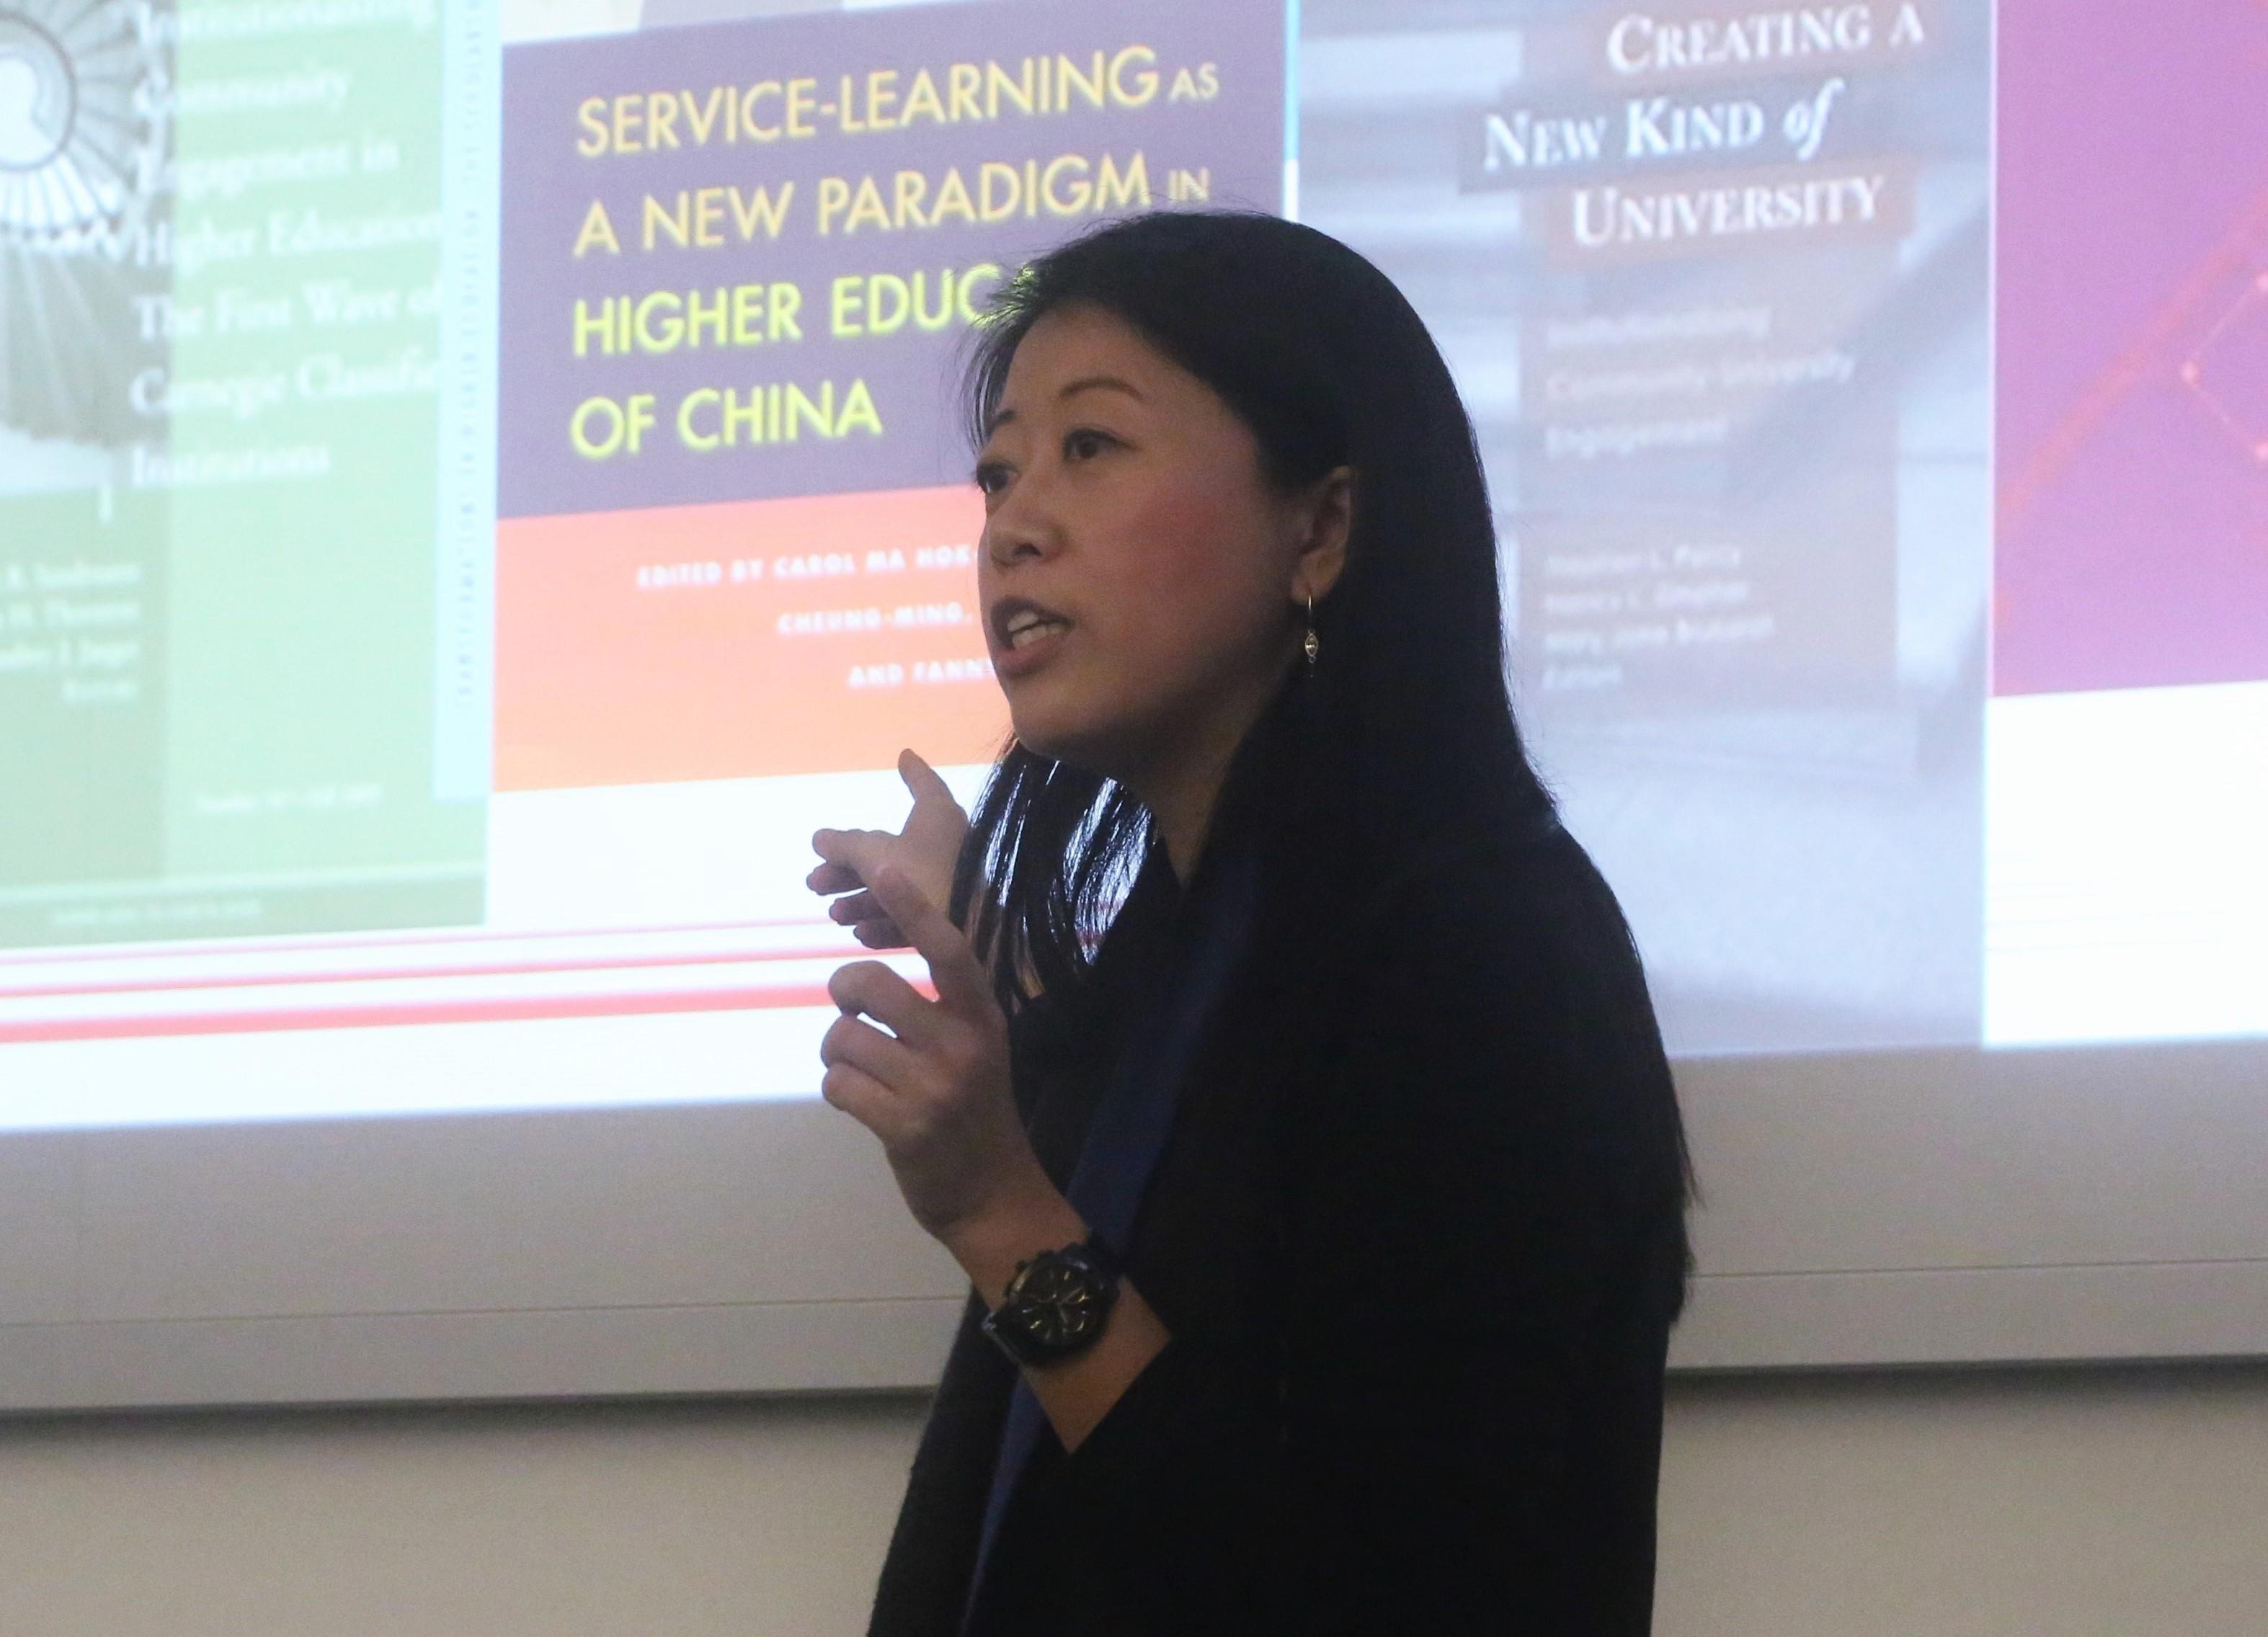 2019年国際サービス・ラーニング・カンファレンス開催報告